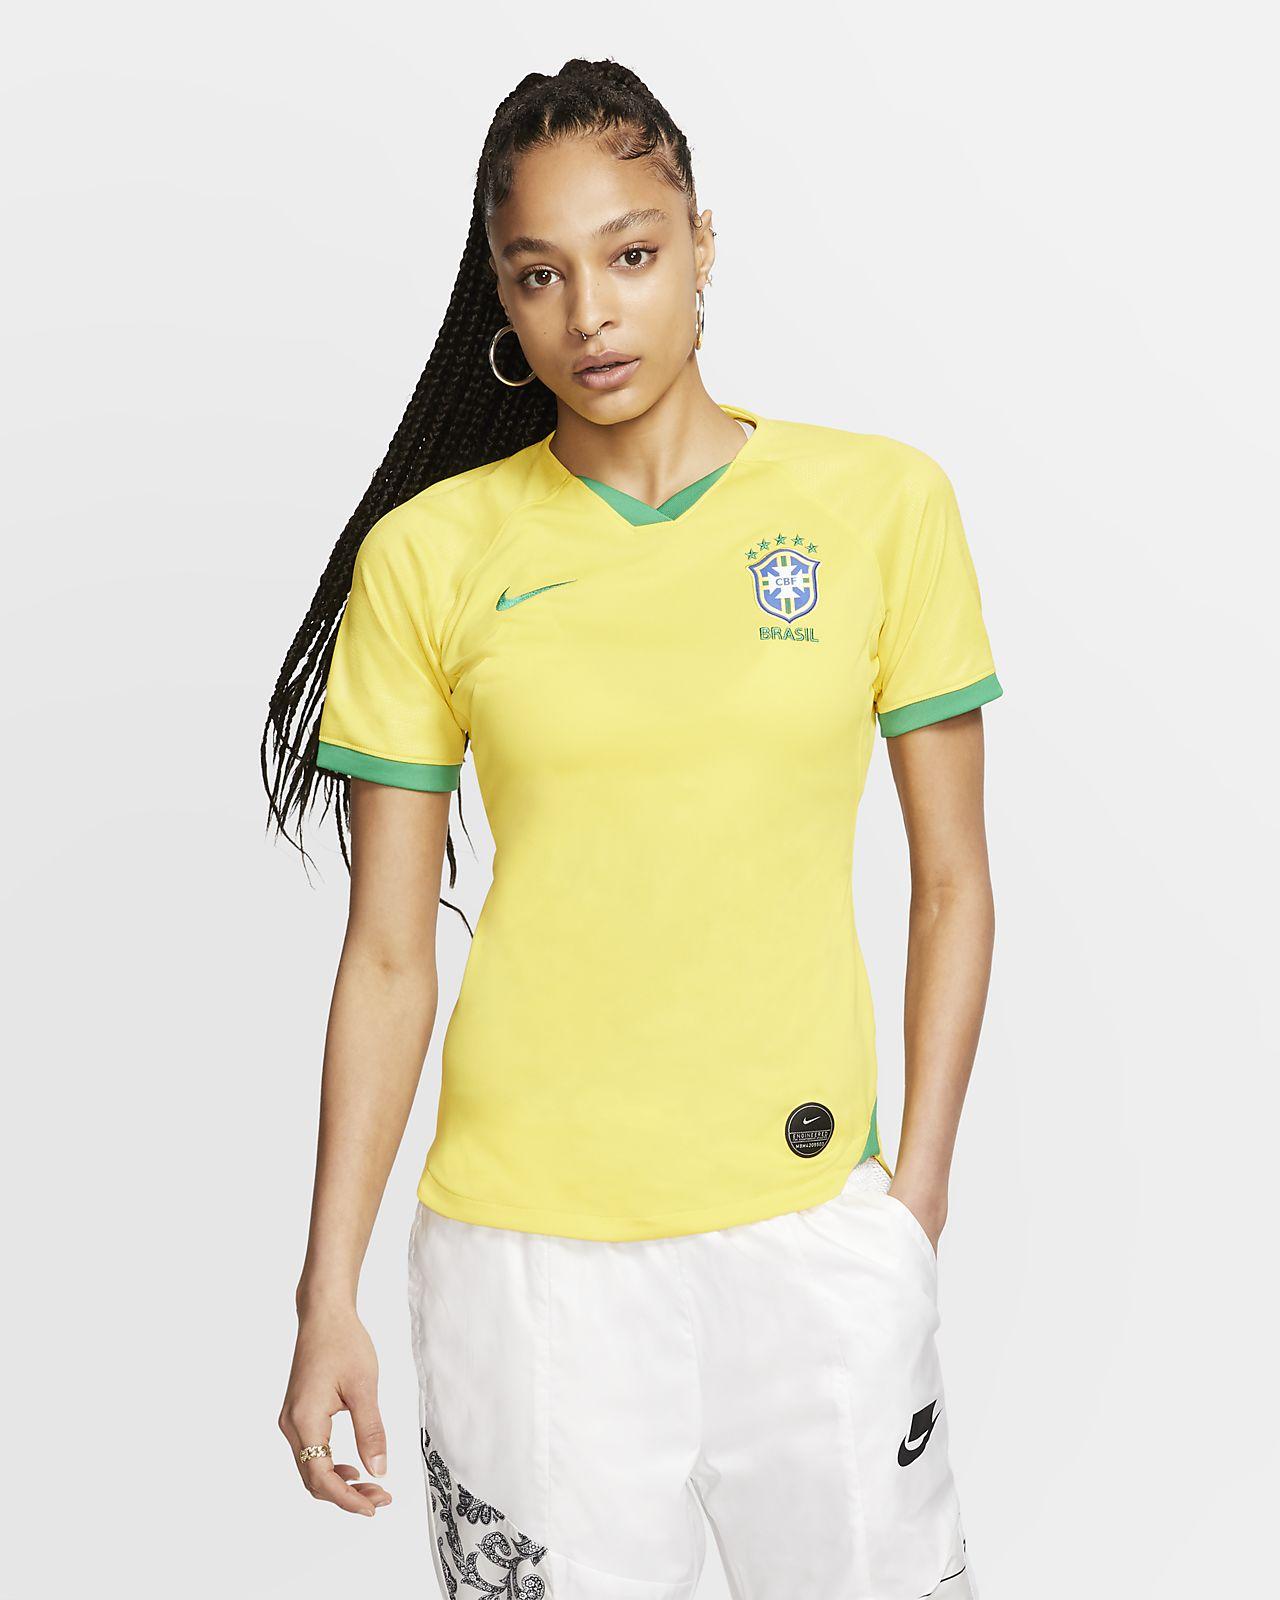 ブラジル 2019 スタジアム ホーム ウィメンズ サッカーユニフォーム